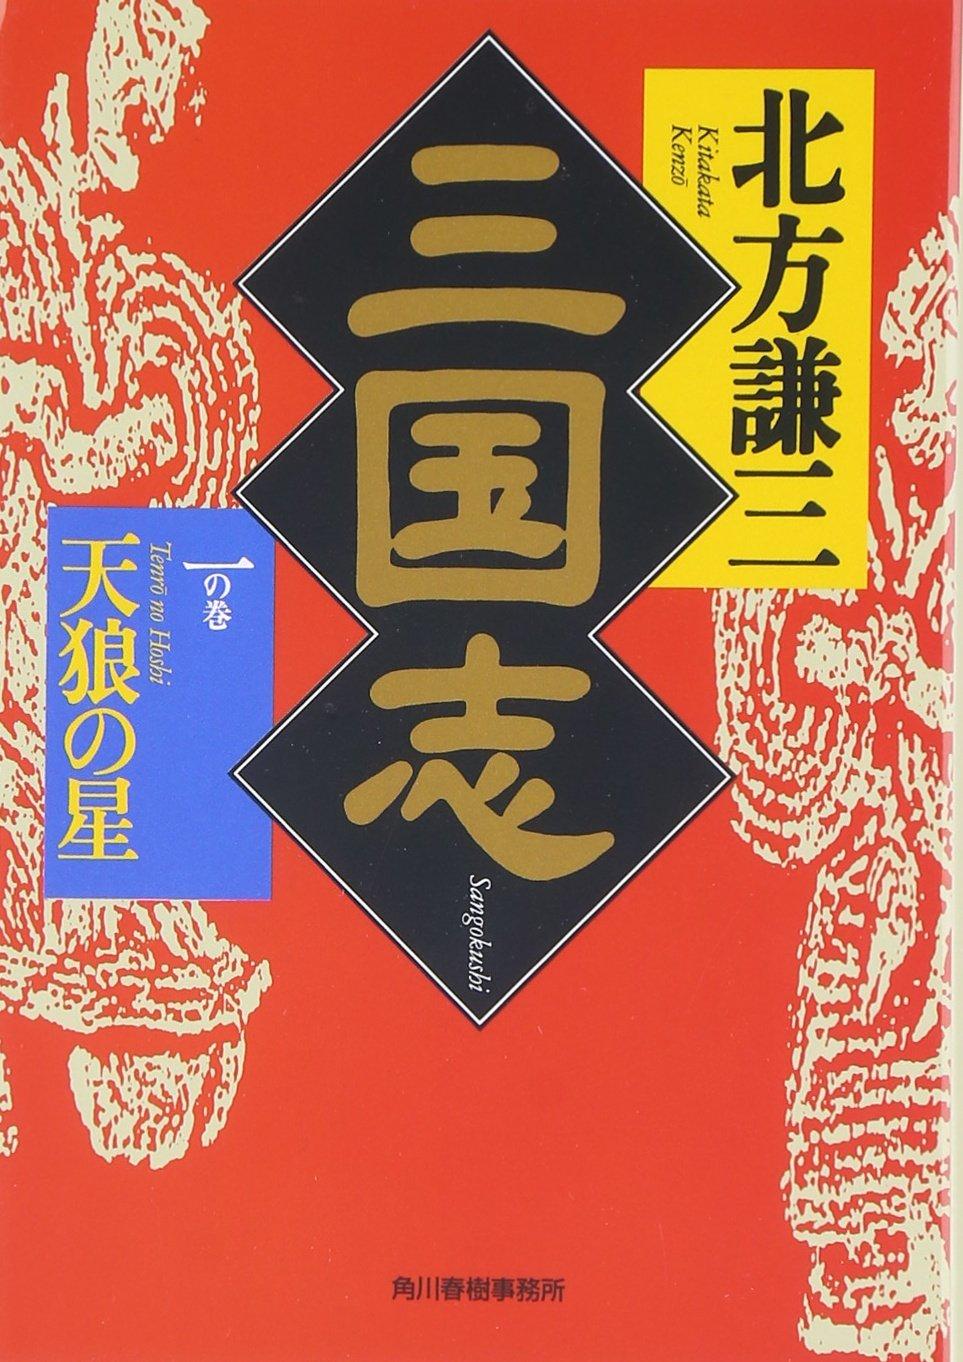 『三国志』小説おすすめ5選!読みやすい作品を、作者別にご紹介。